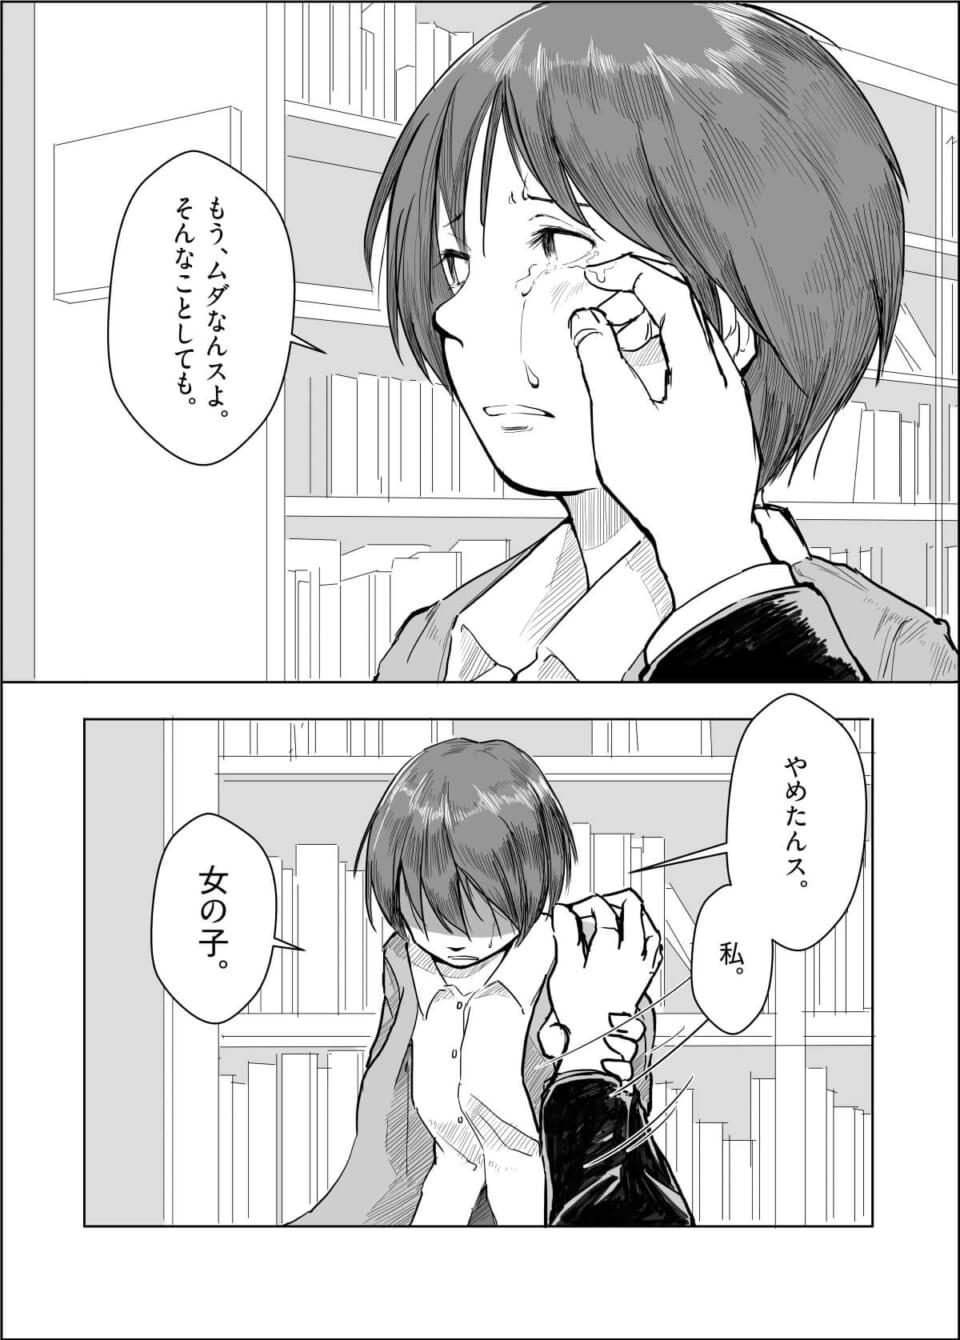 次作へのスケッチ②